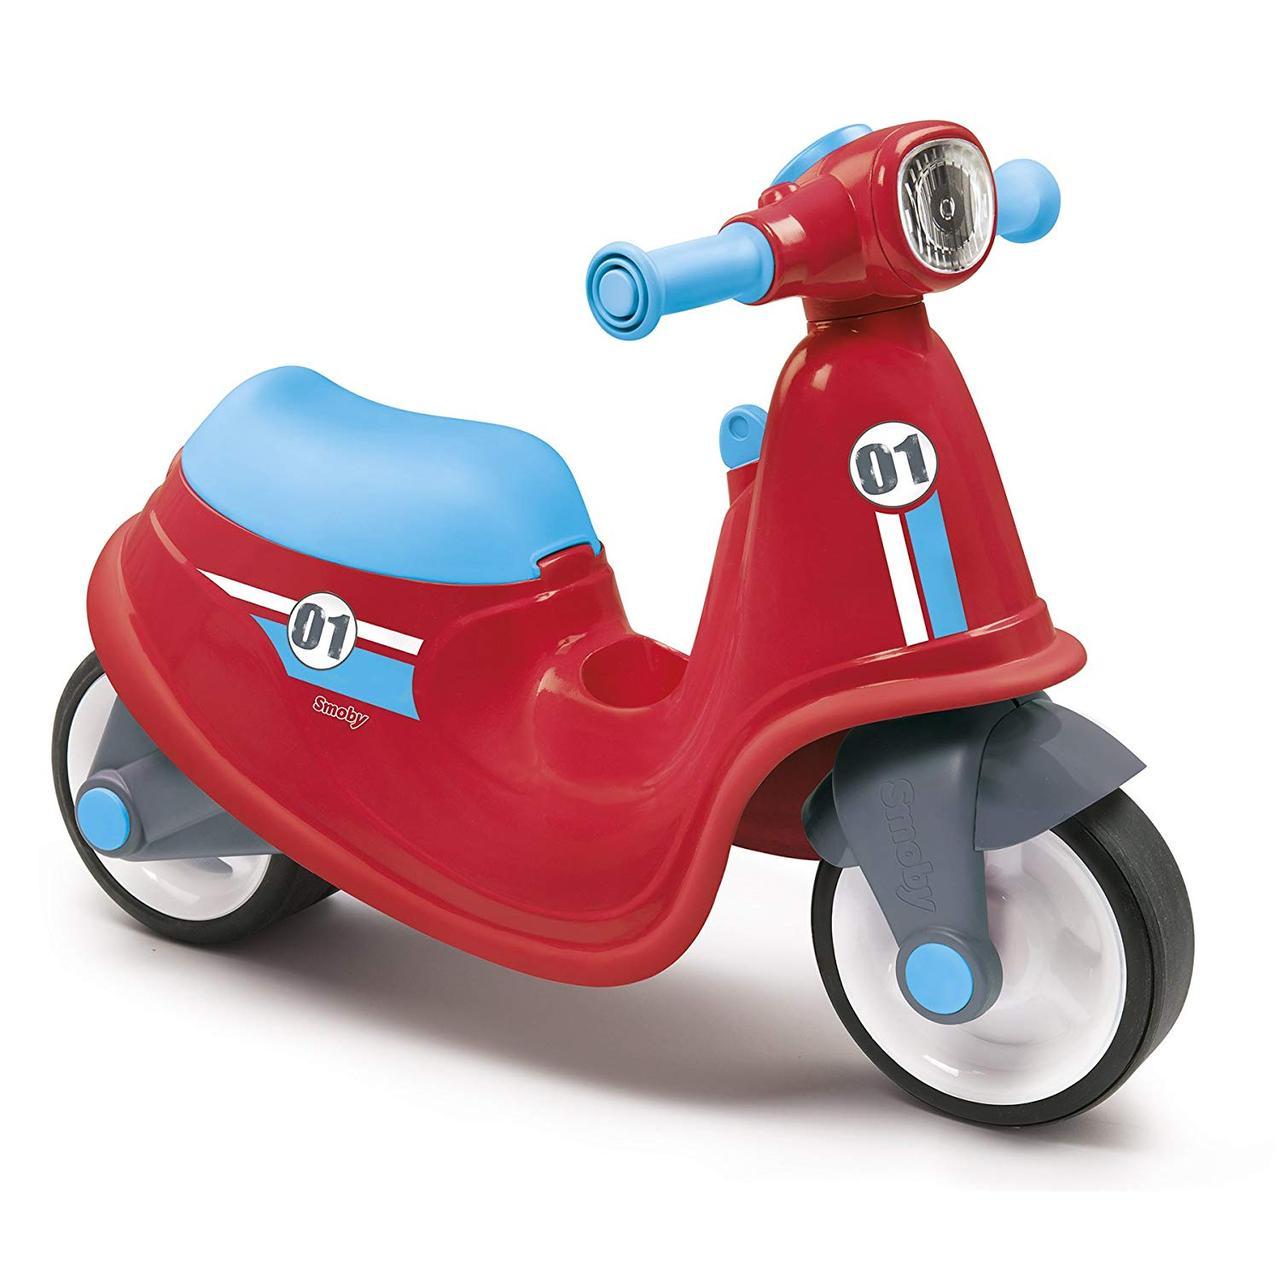 Детский мотоцикл беговел толокар Smoby красный 721003